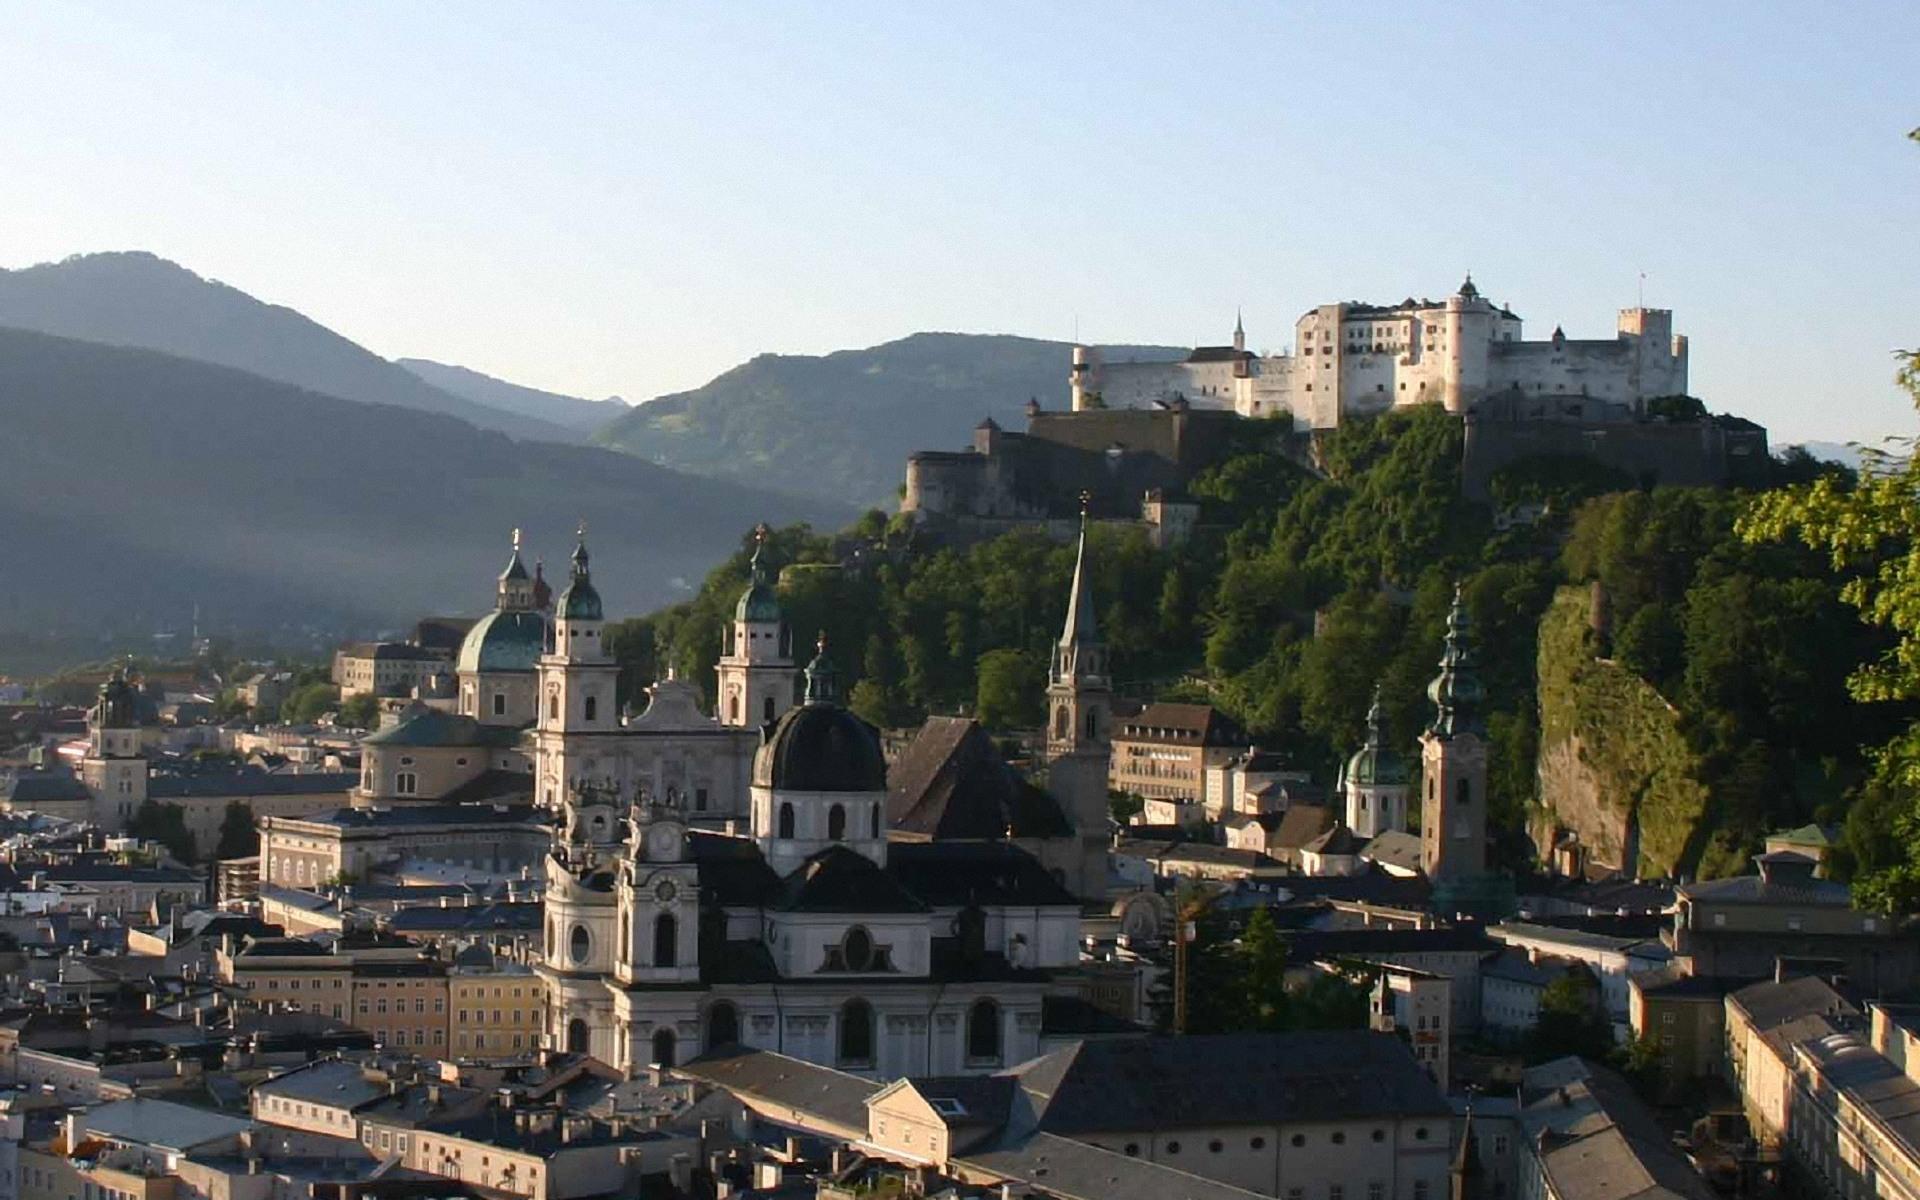 Download Salzburg Austria 1920x1200 WallpapersSalzburg 1920x1200 1920x1200